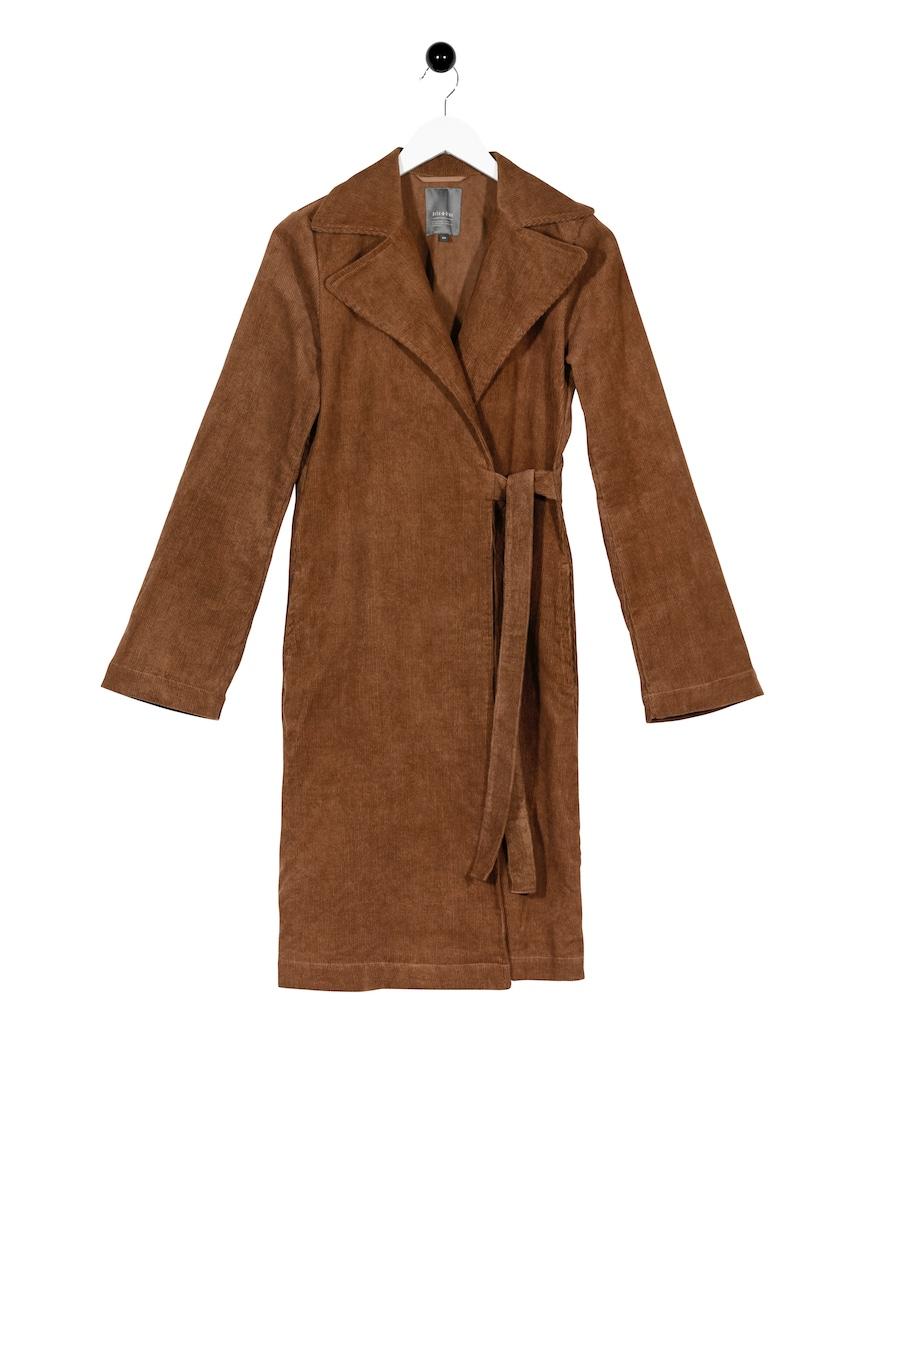 Björka Coat